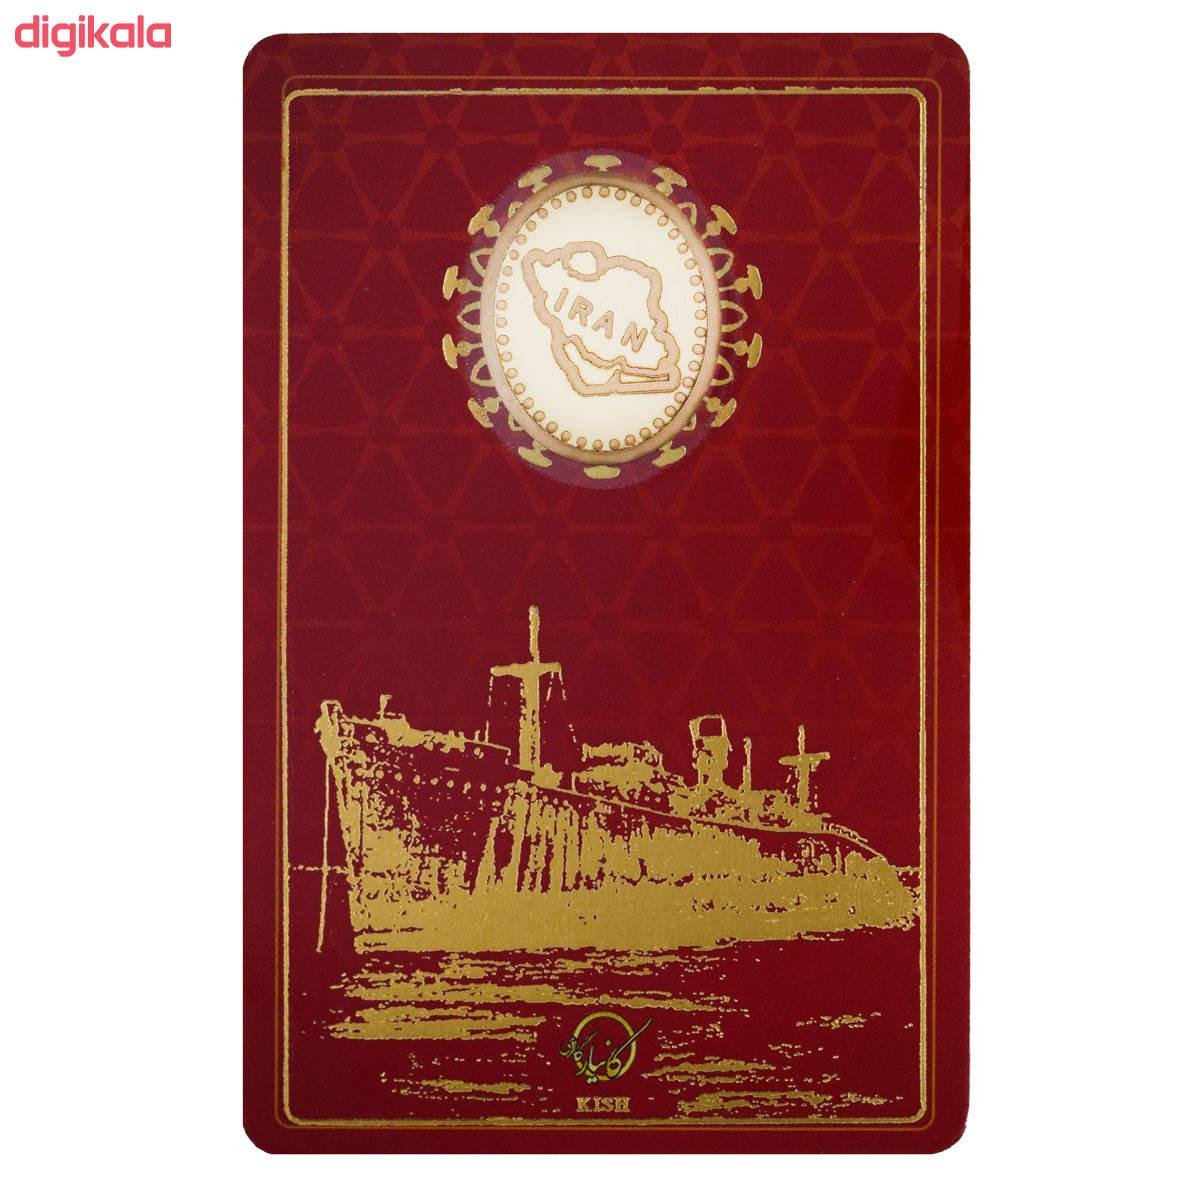 طلا گرمی 18 عیار کانیار گالری طرح کشتی یونانی کیش کد 66 main 1 1